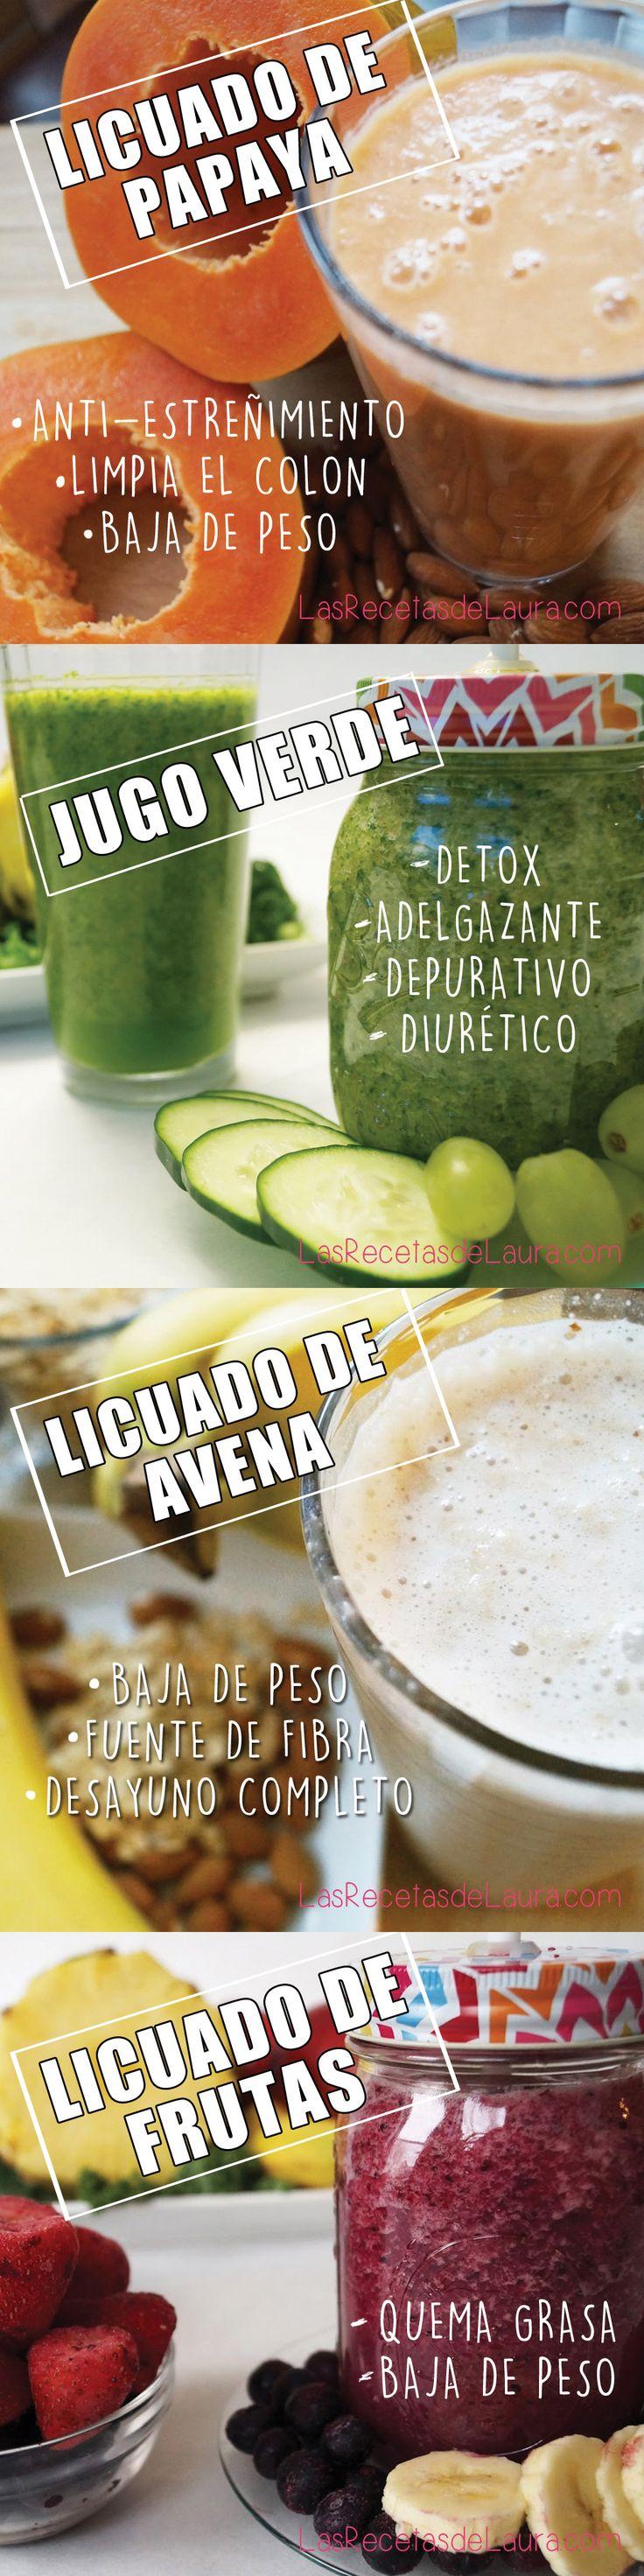 Deliciosas opciones de jugos saludables- licuados saludables, ideales para el desayuno! antiestreñimiento, para bajar de peso, detox y más!